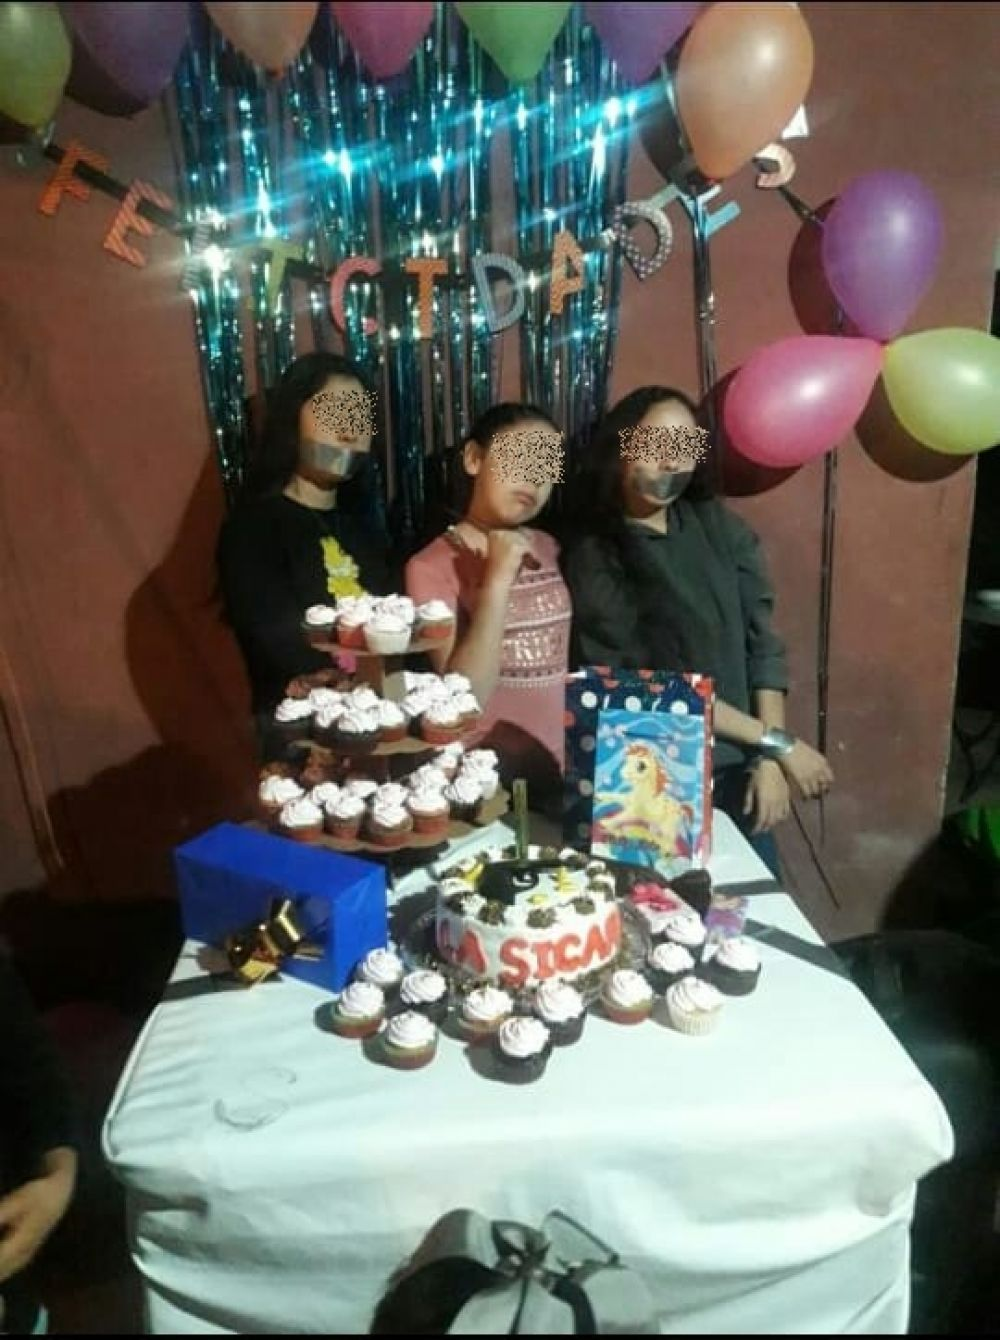 foto: La Sicaria, niña festeja su cumpleaños con temática de narcotráfico